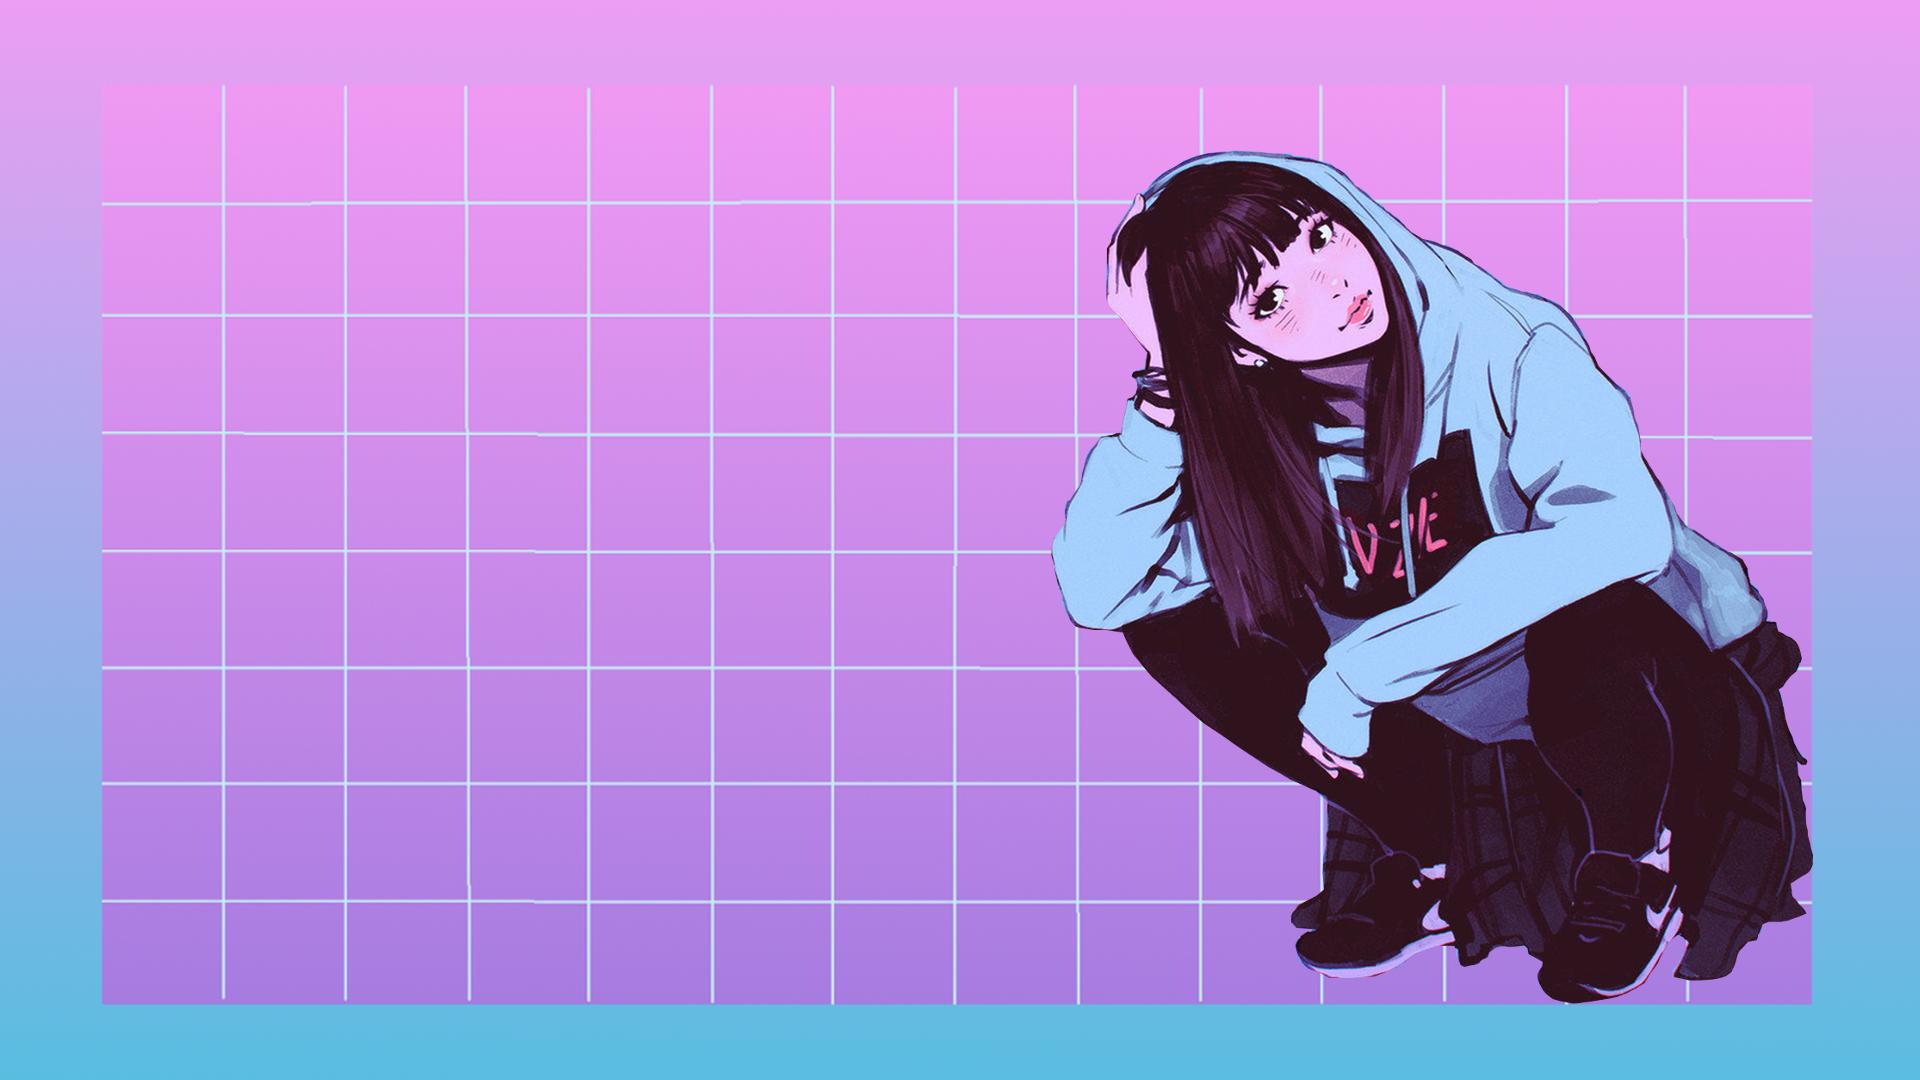 Aesthetic Anime Wallpaper Pc Hd Allwallpaper